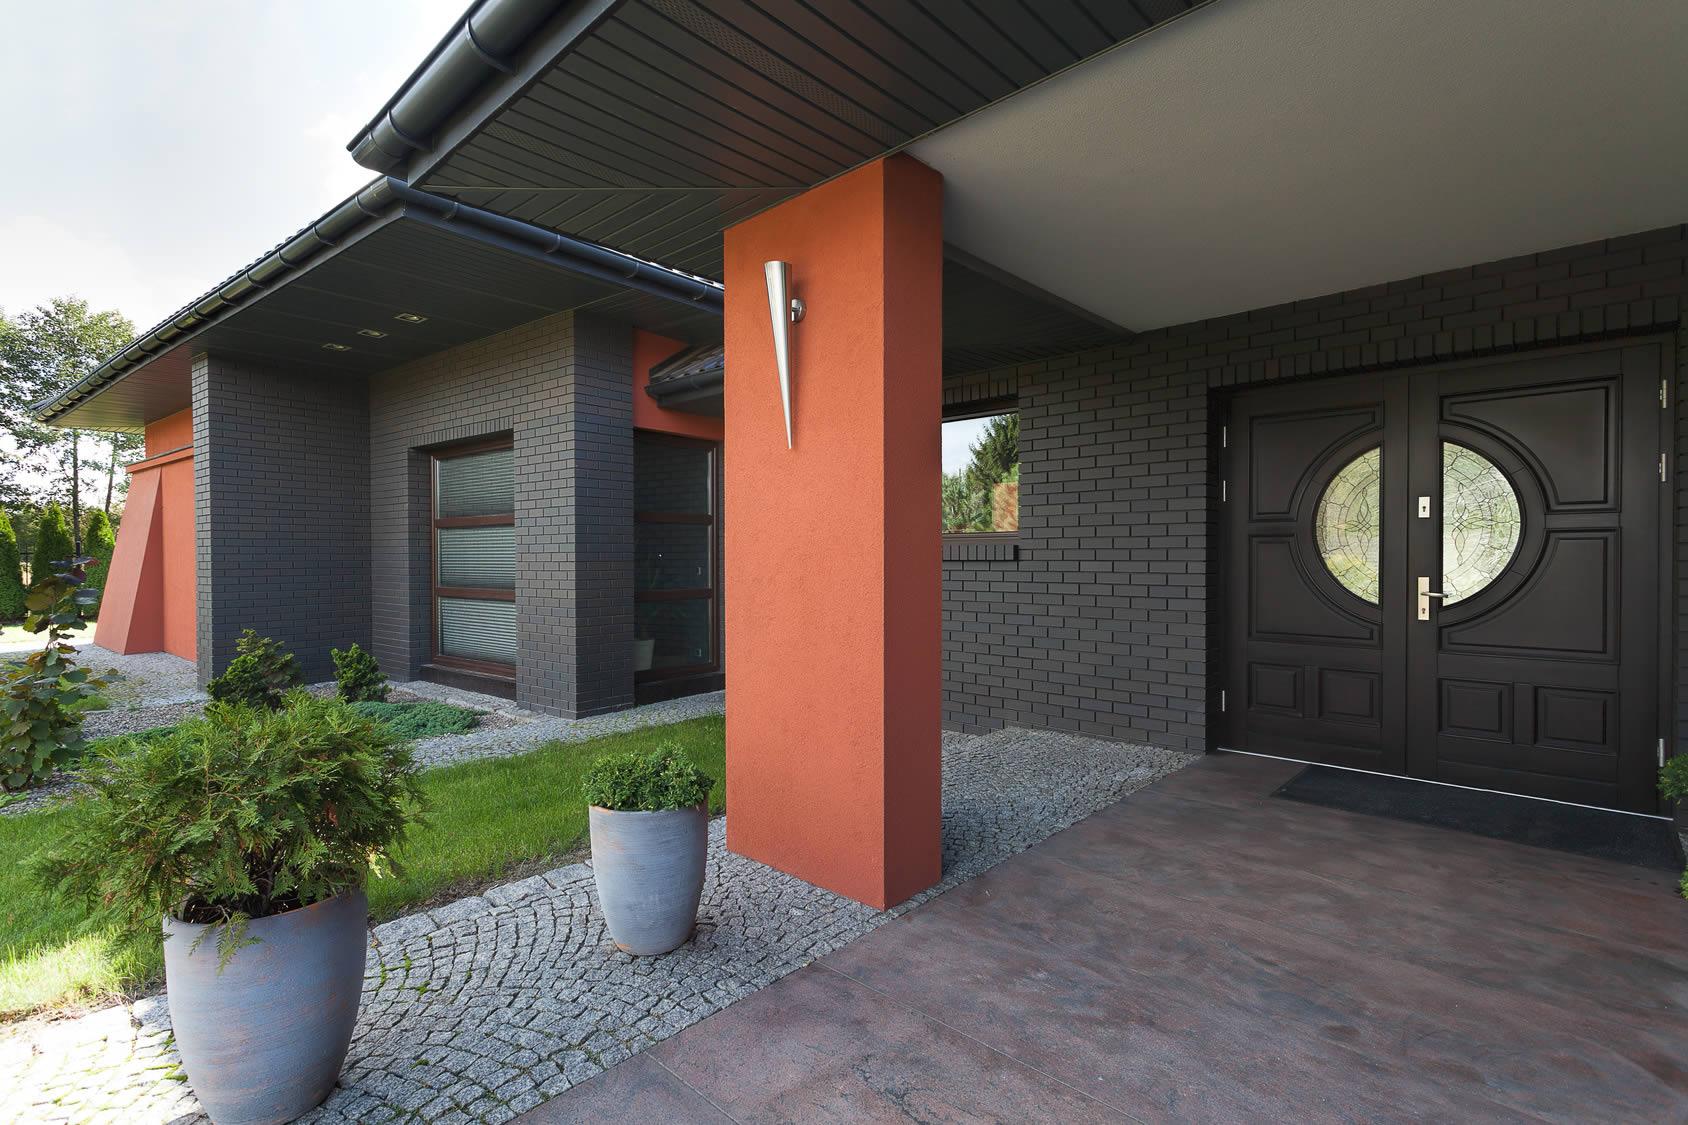 Vente immobilière : Ce que j'ai appris au fil des années